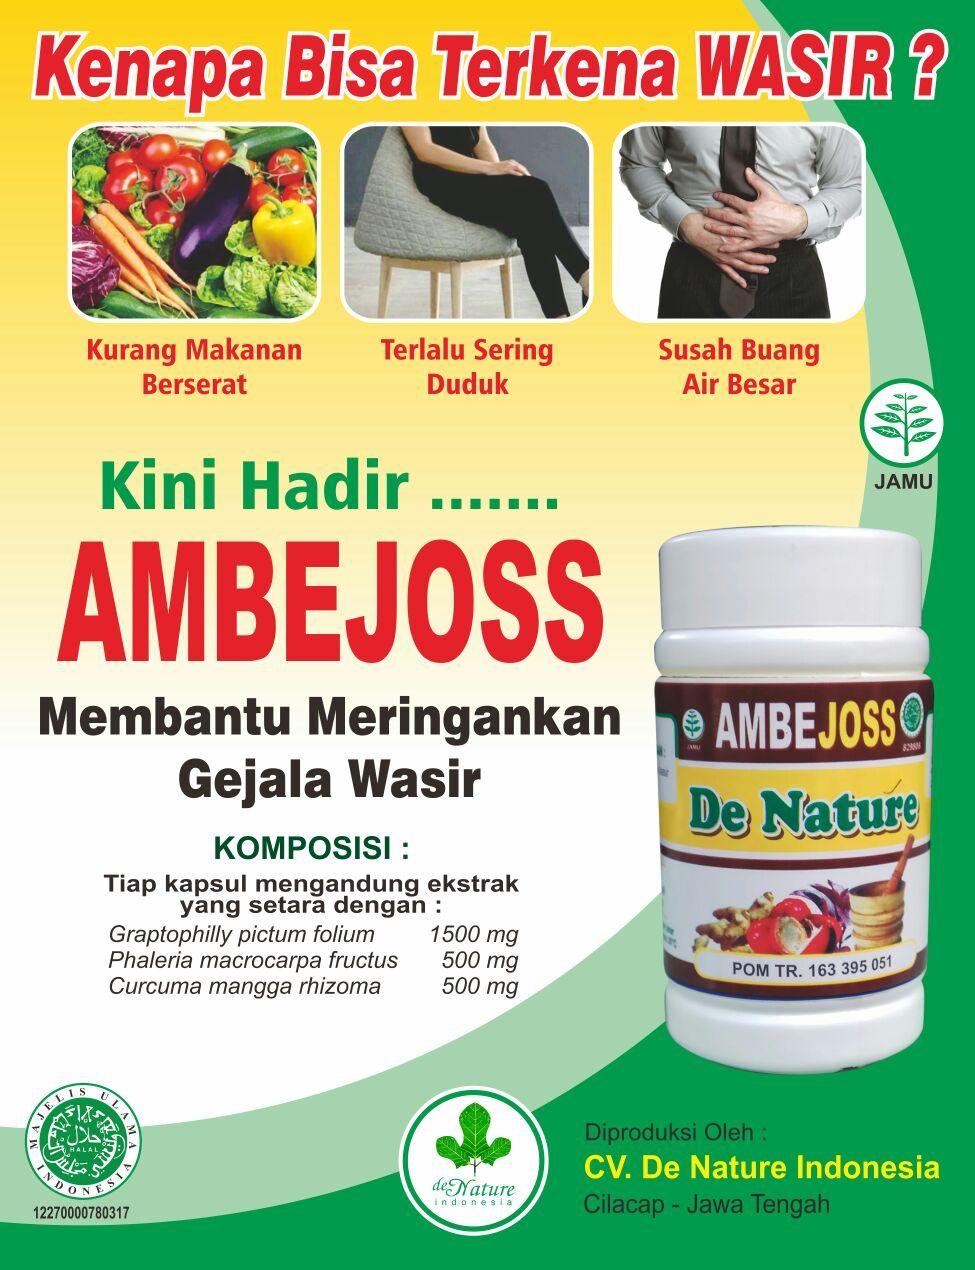 Obat Herbal Ambeien: Obat Menghentikan Bab Berdarah